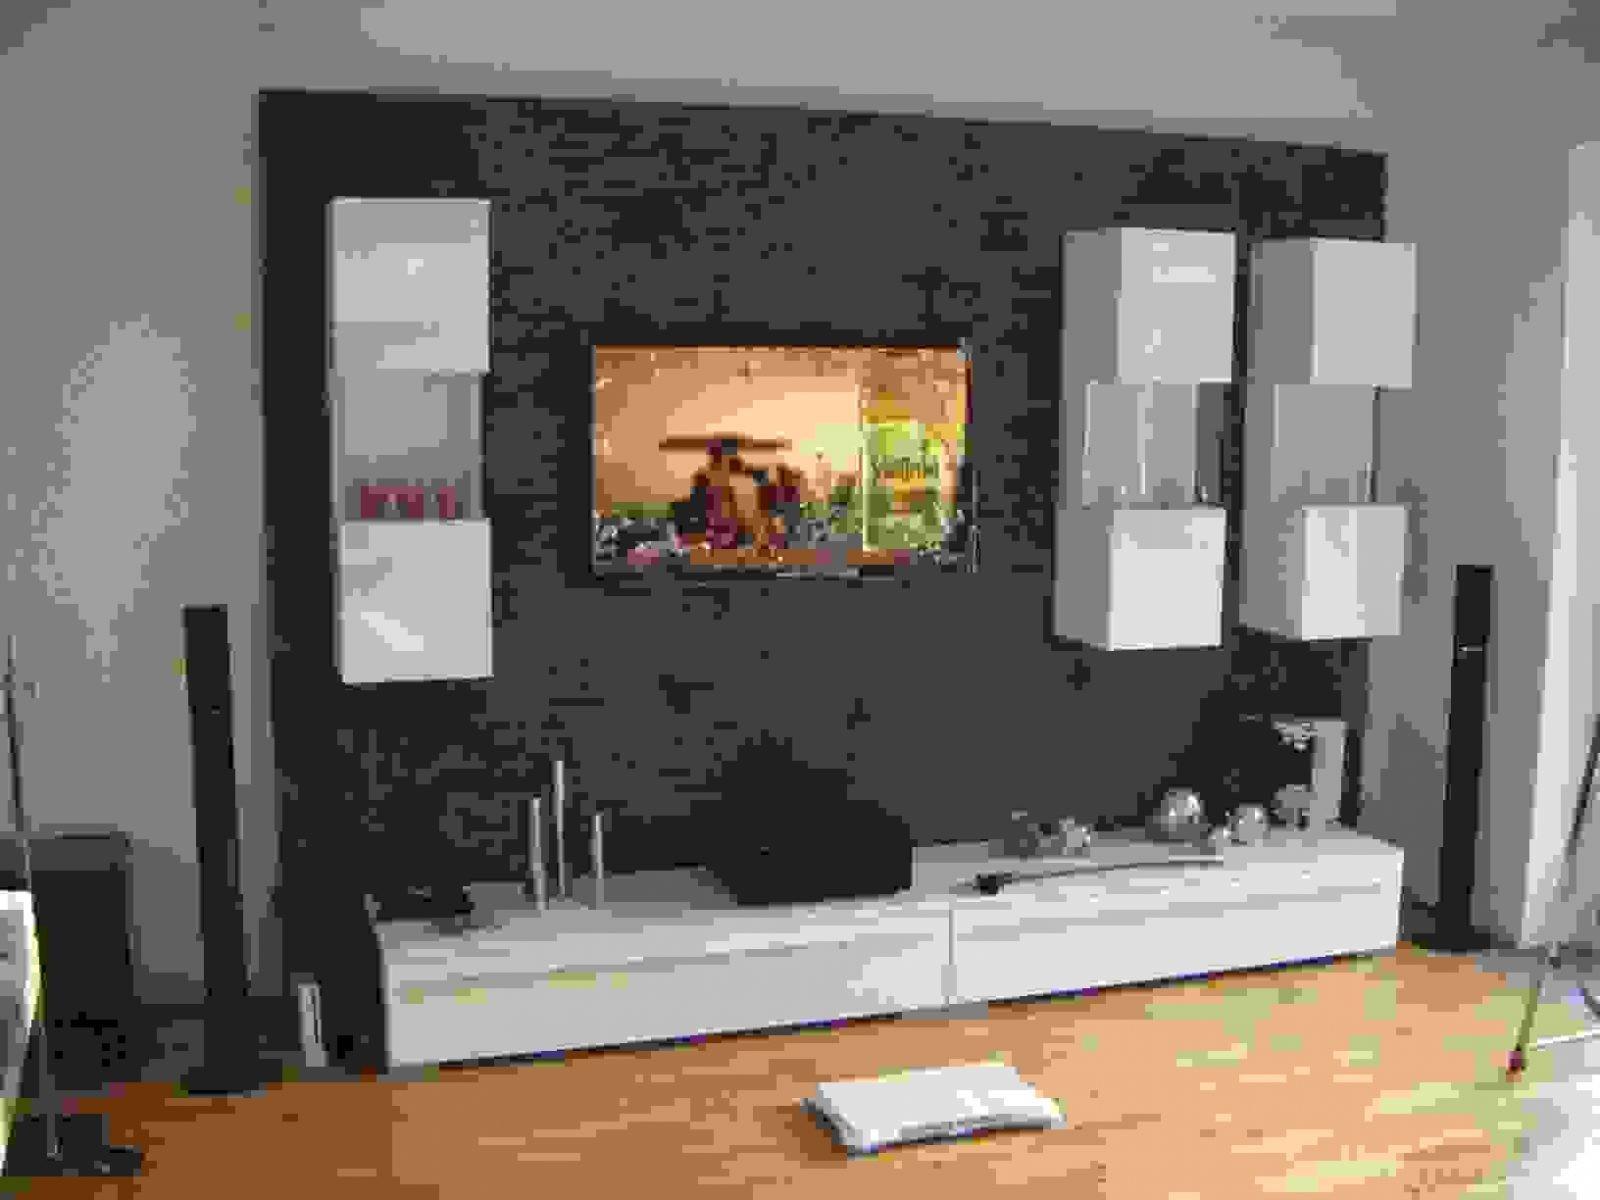 Tv Wand Laminat Mit Frisch 40 Trennwand Selber Bauen Ideen Von Tv